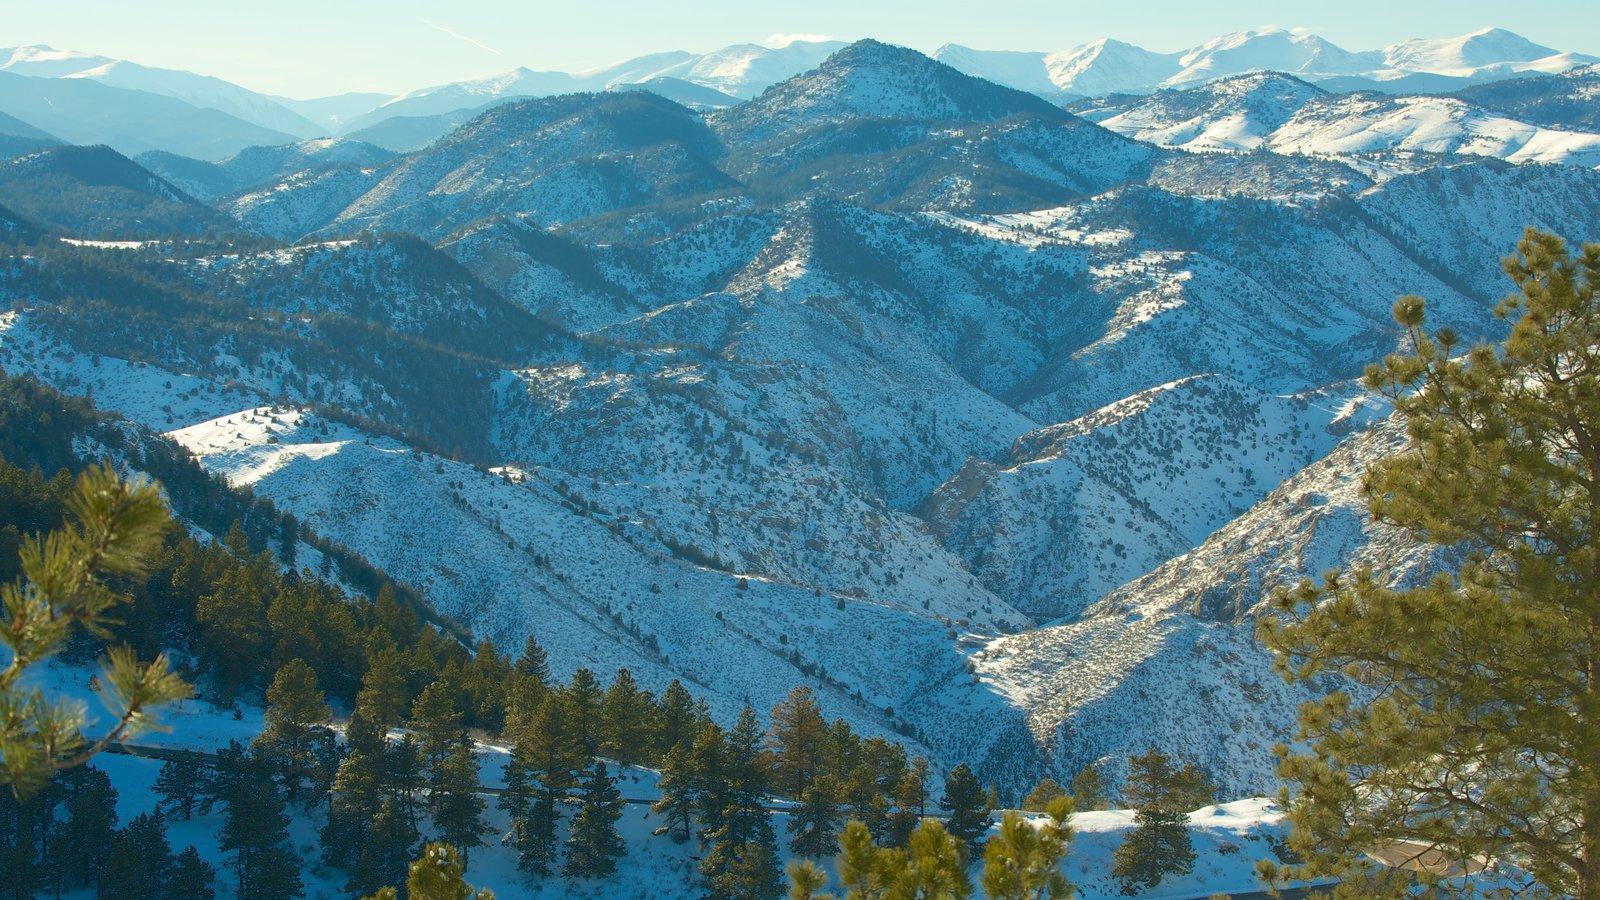 Golden que incluye vistas de paisajes, nieve y montañas